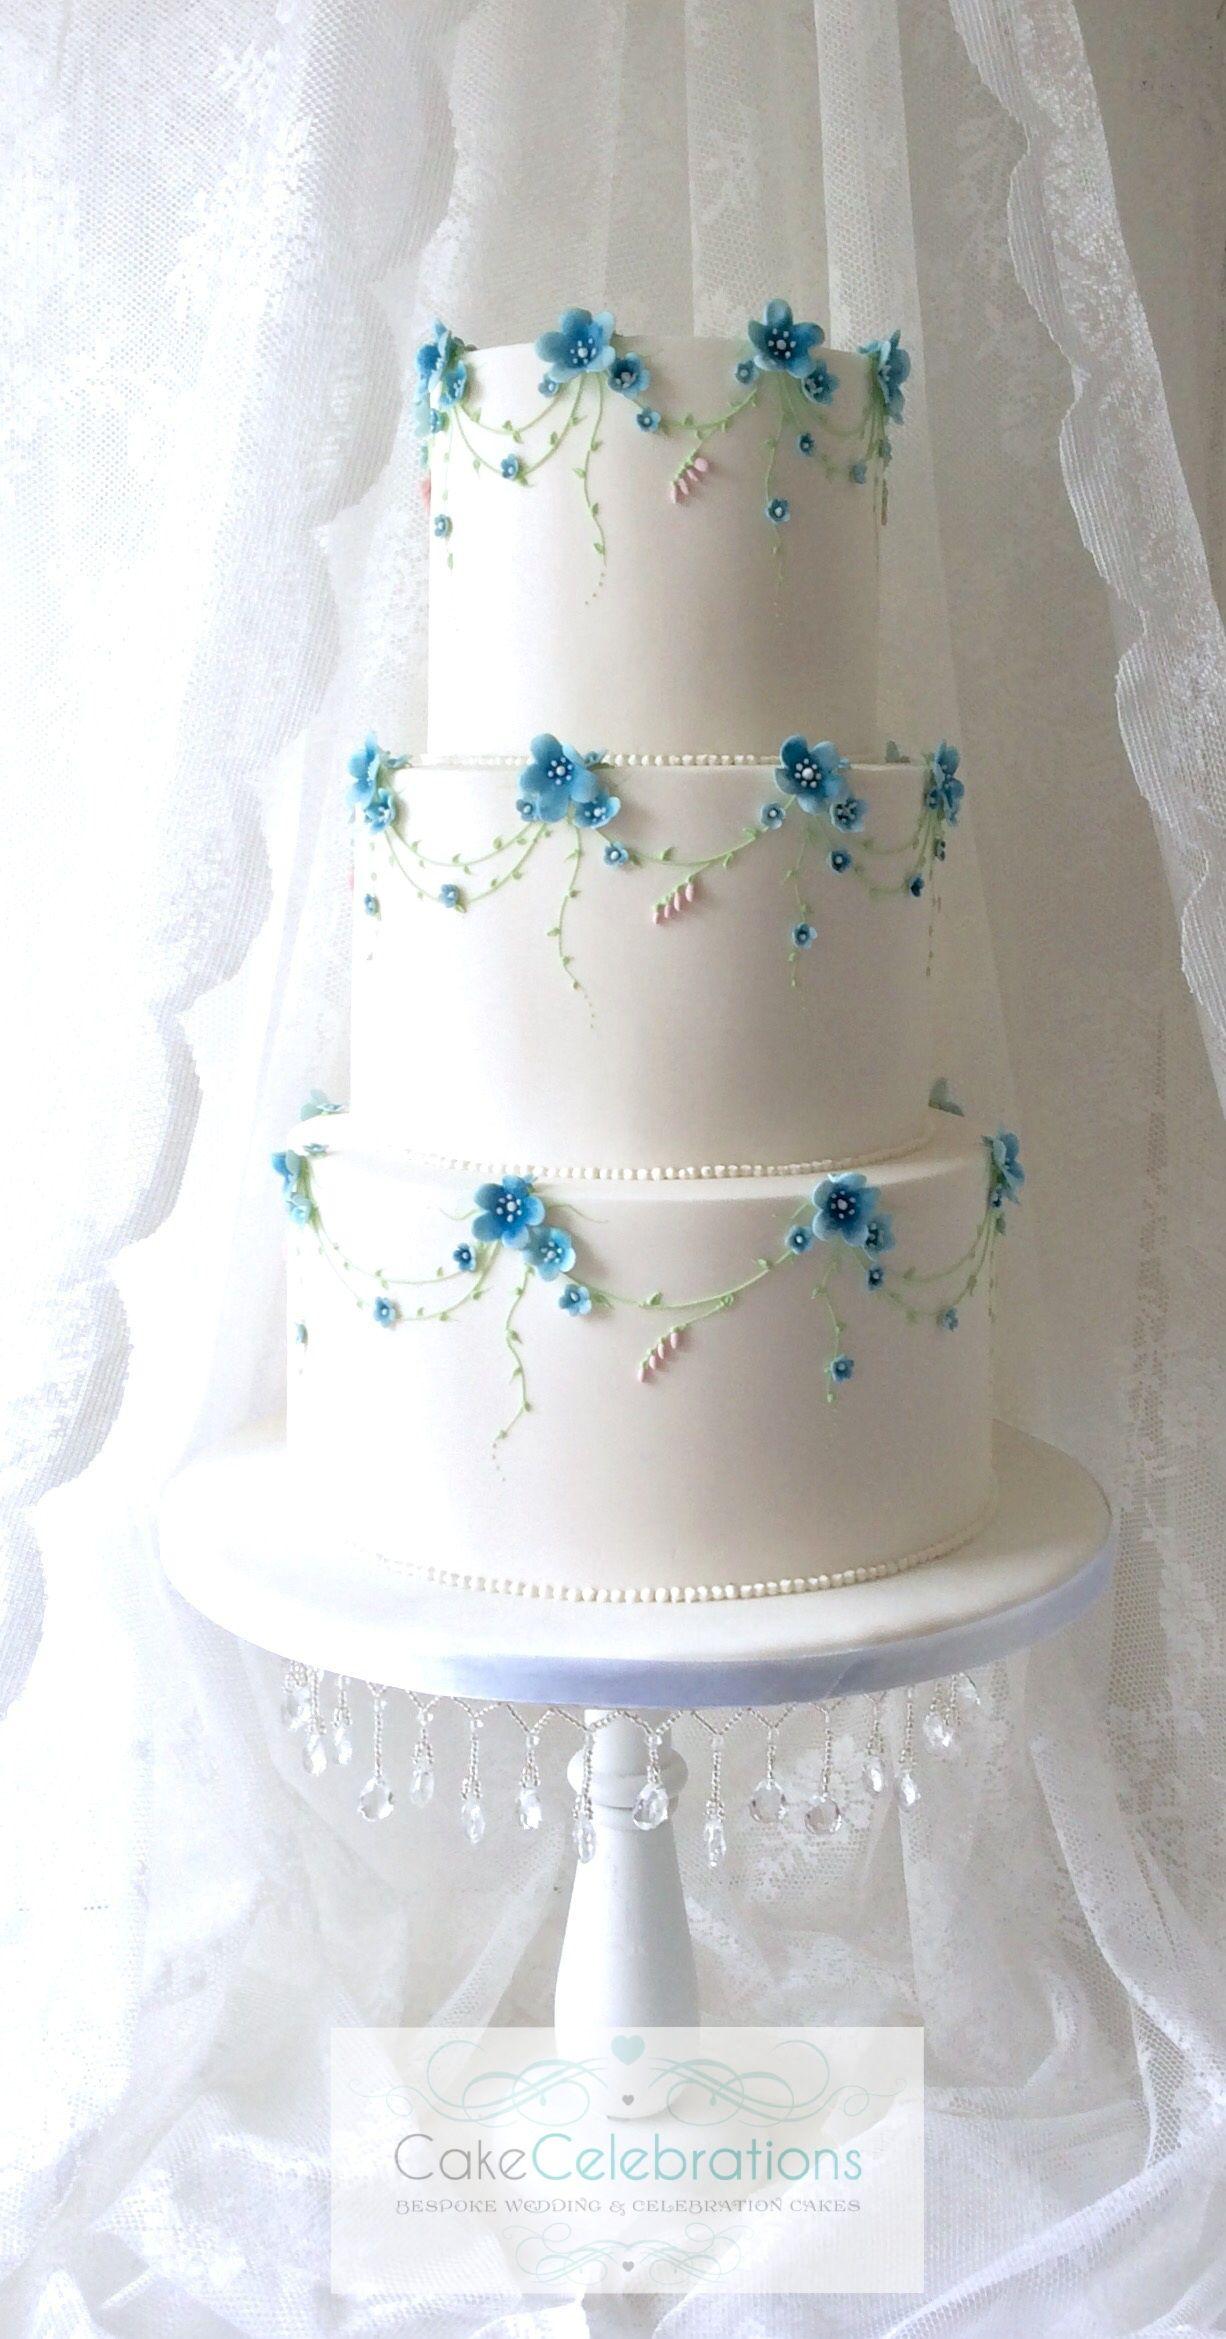 Forget Me Not Wedding Cake Weddingcake Wedding Forgetmenot Cake Celebration Fondantflowers Sugarcraft Some Cake Quinceanera Cakes Amazing Wedding Cakes